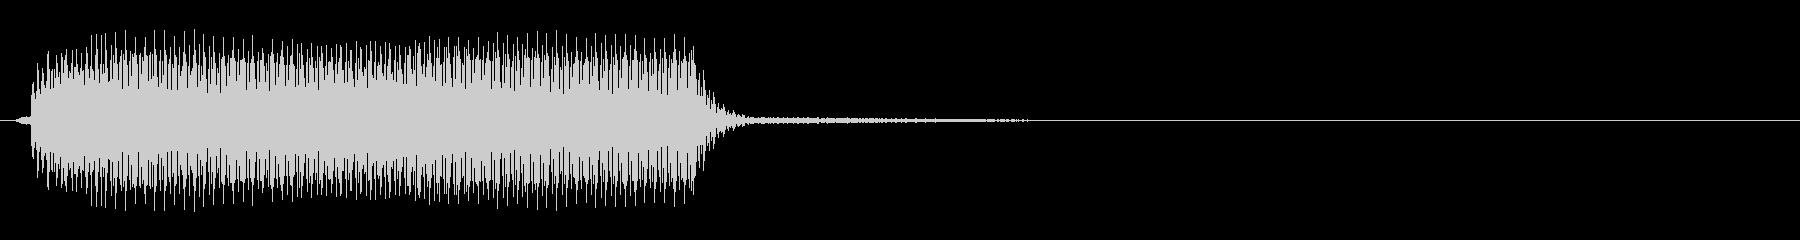 ゲームショーブザー:ショートブザーの未再生の波形